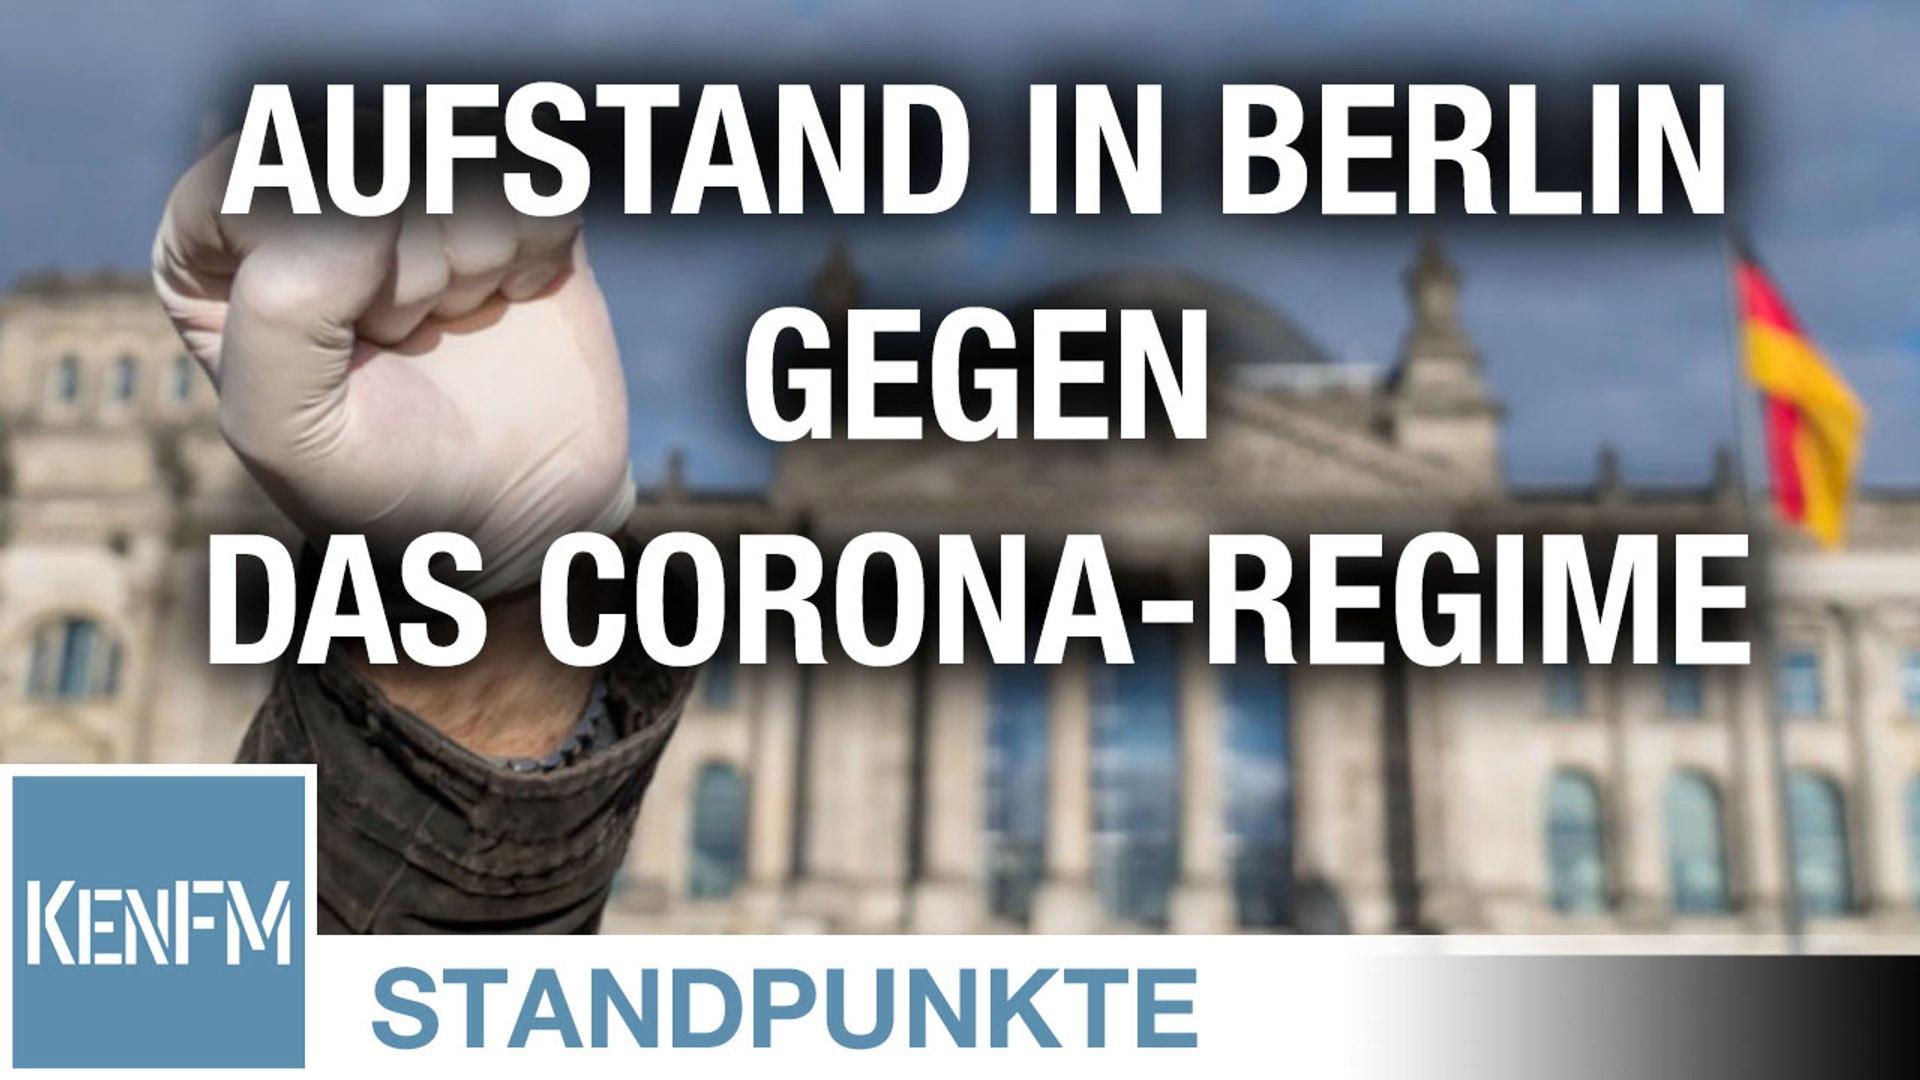 Aufstand in Berlin gegen das Corona-Regime | Von Anselm Lenz